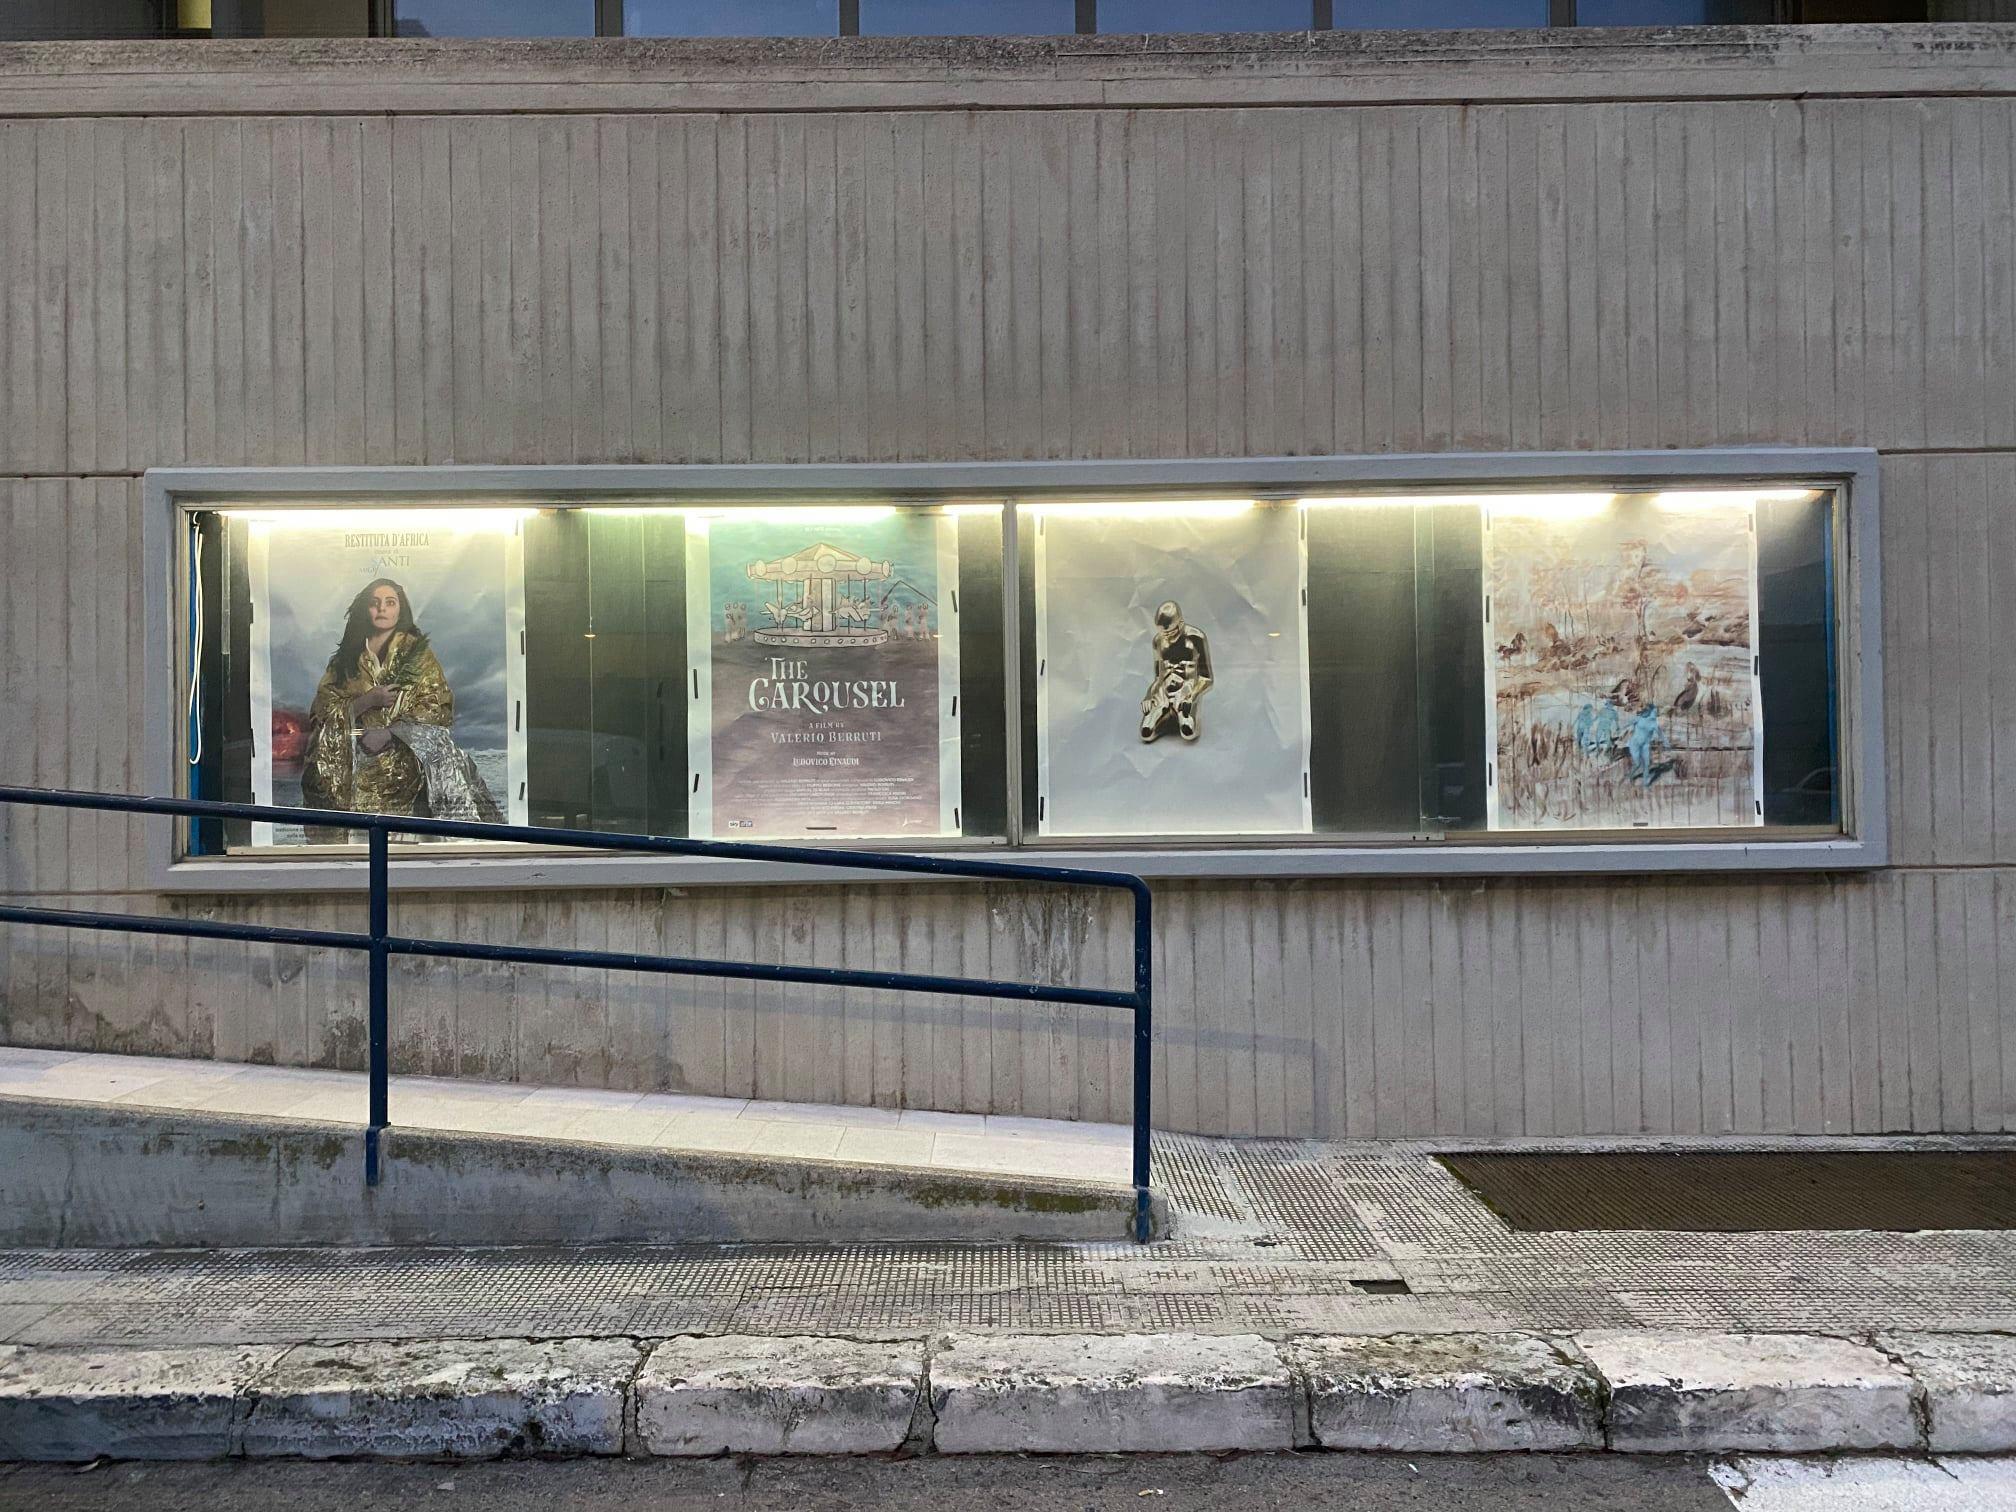 Cinema chiusi per Covid? In Puglia, le loro bacheche ospitano opere d'arte in una mostra diffusa